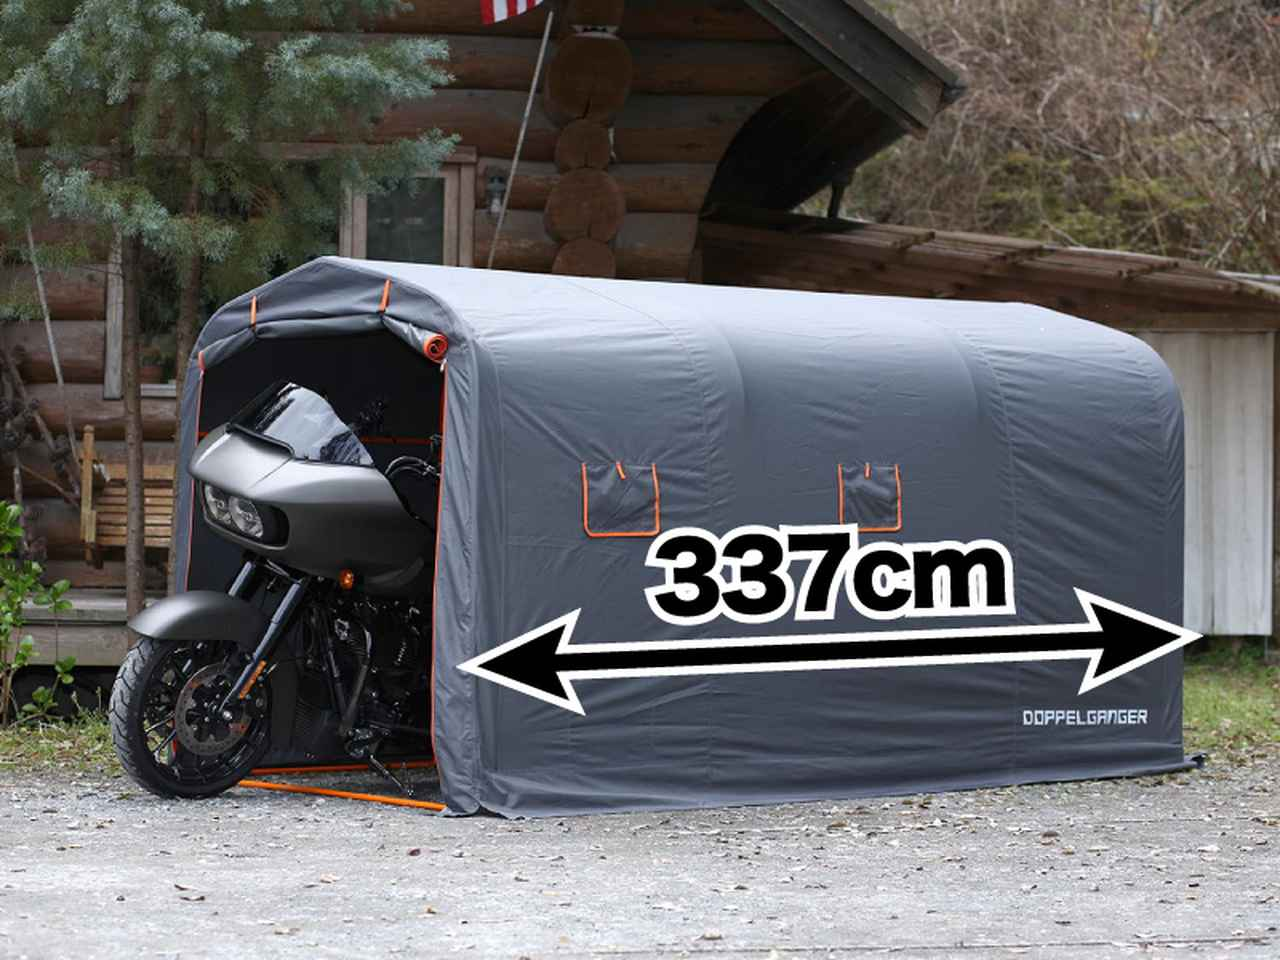 画像2: 簡易式でも、このサイズならガレージライフを充分楽しめる!